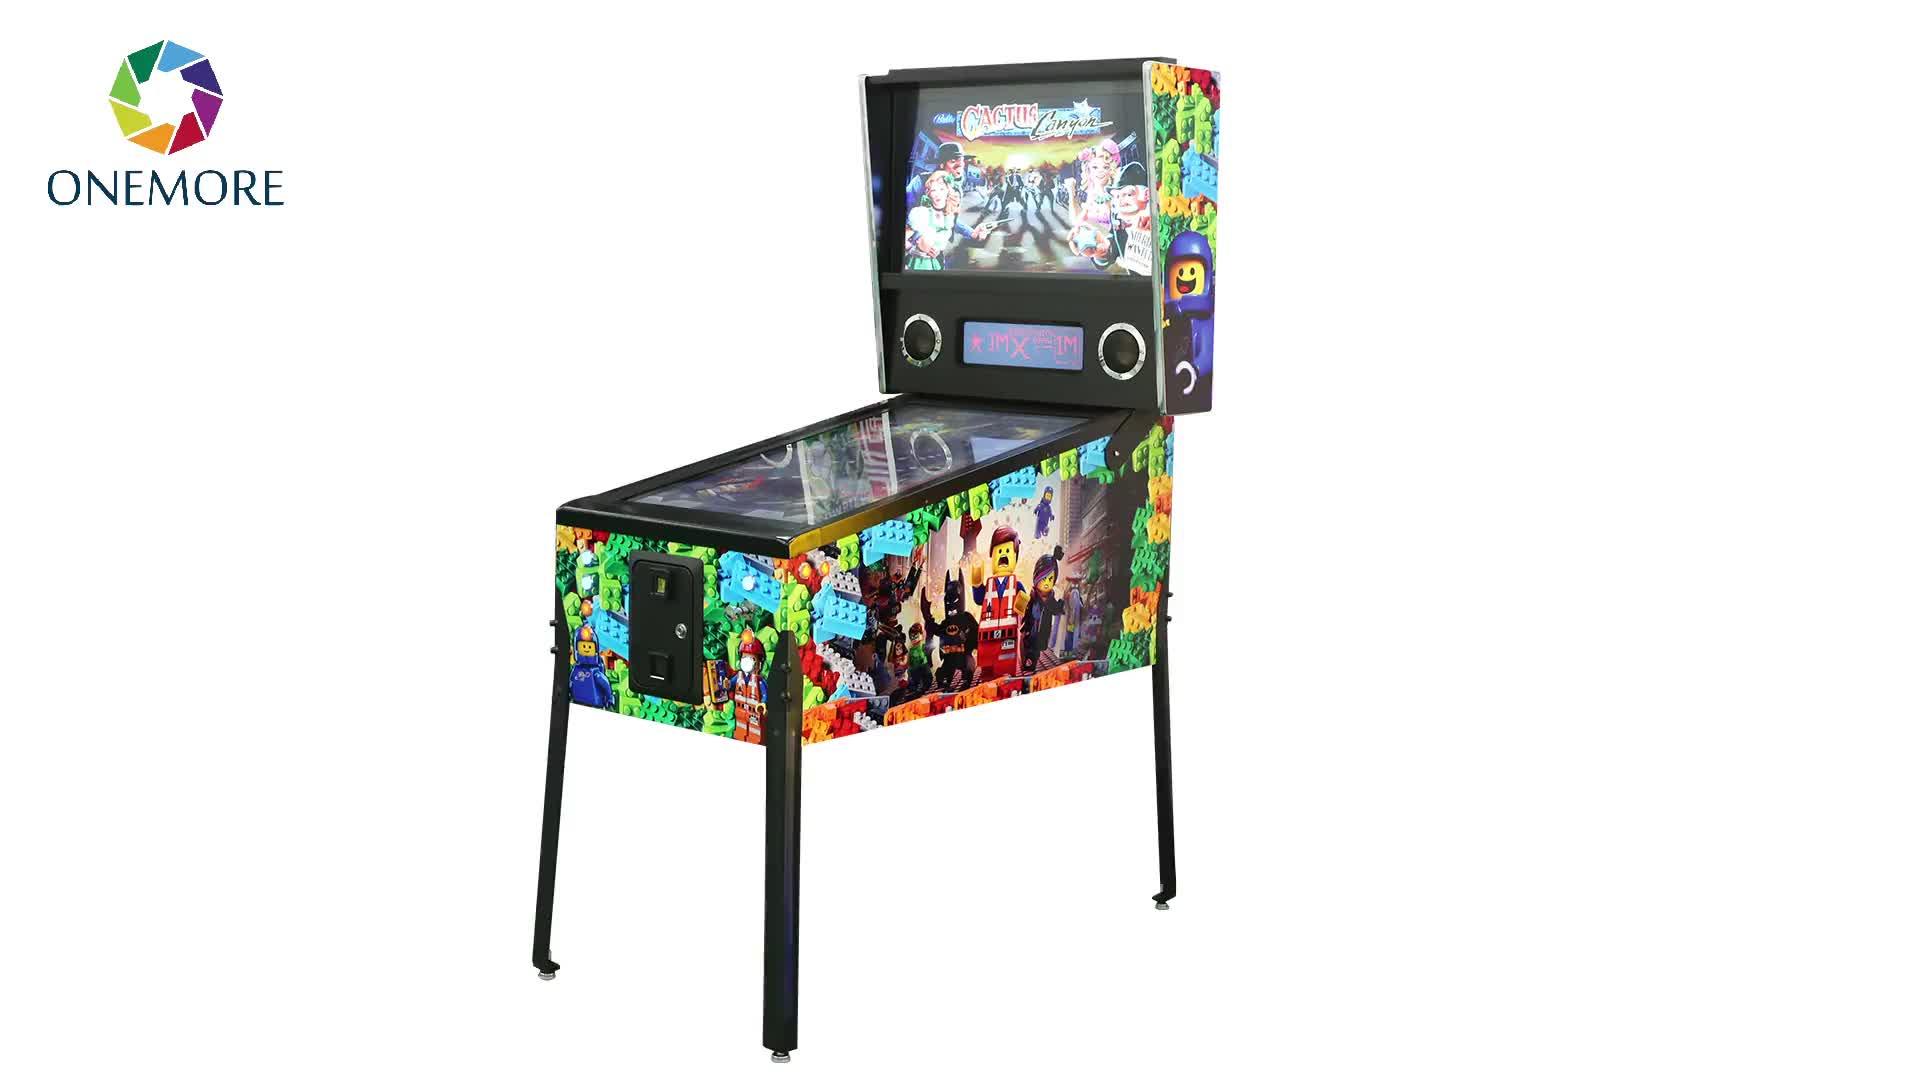 Hot Koop 3 screen ACDC Digitale Pinball Game Machine Met 845 Games